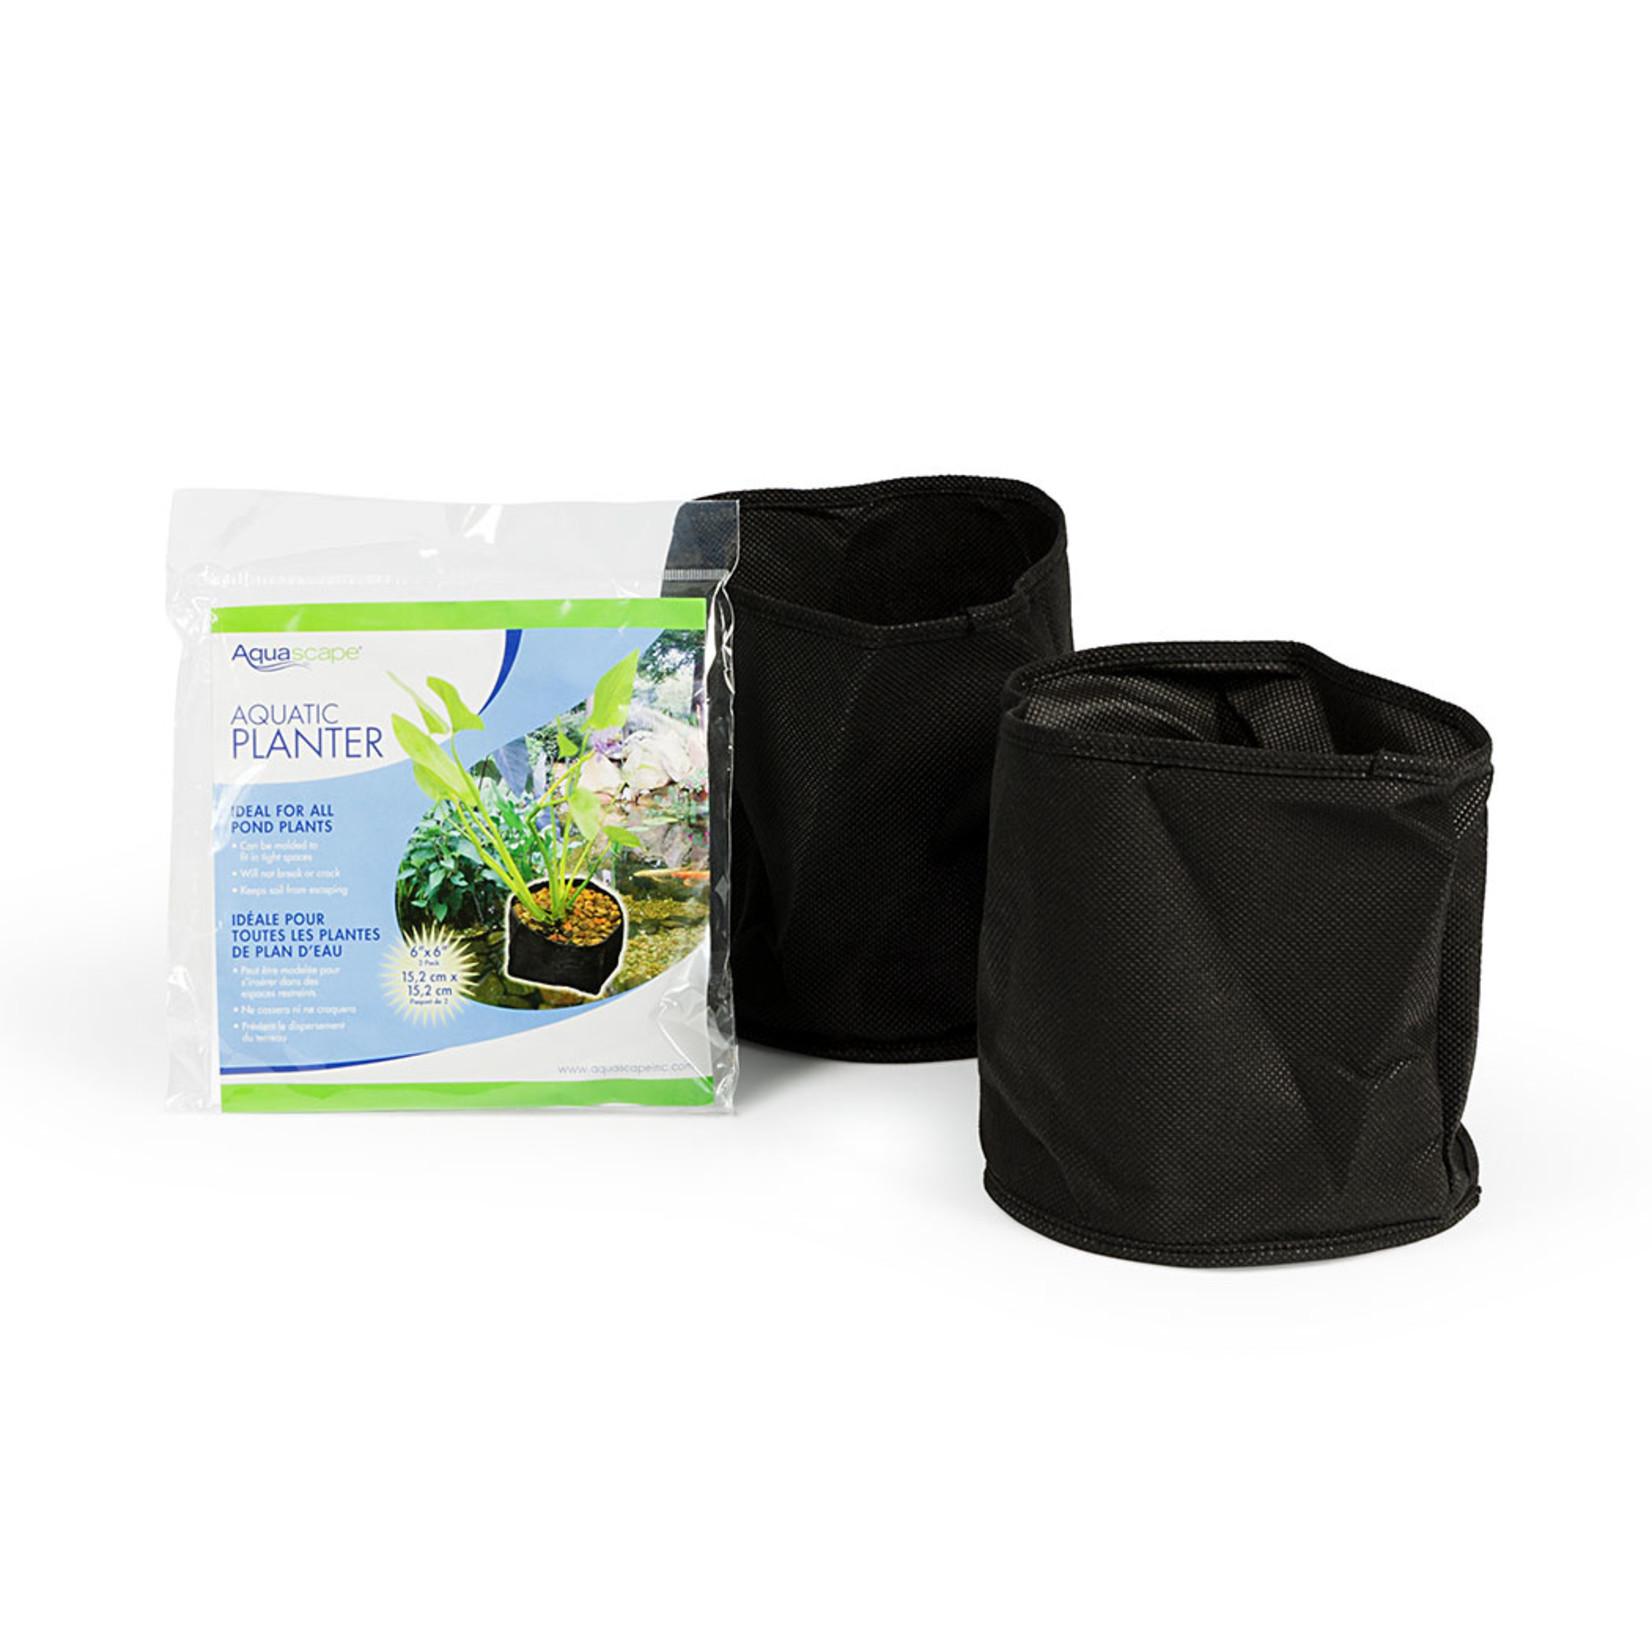 Aquascape Aquatic Planter